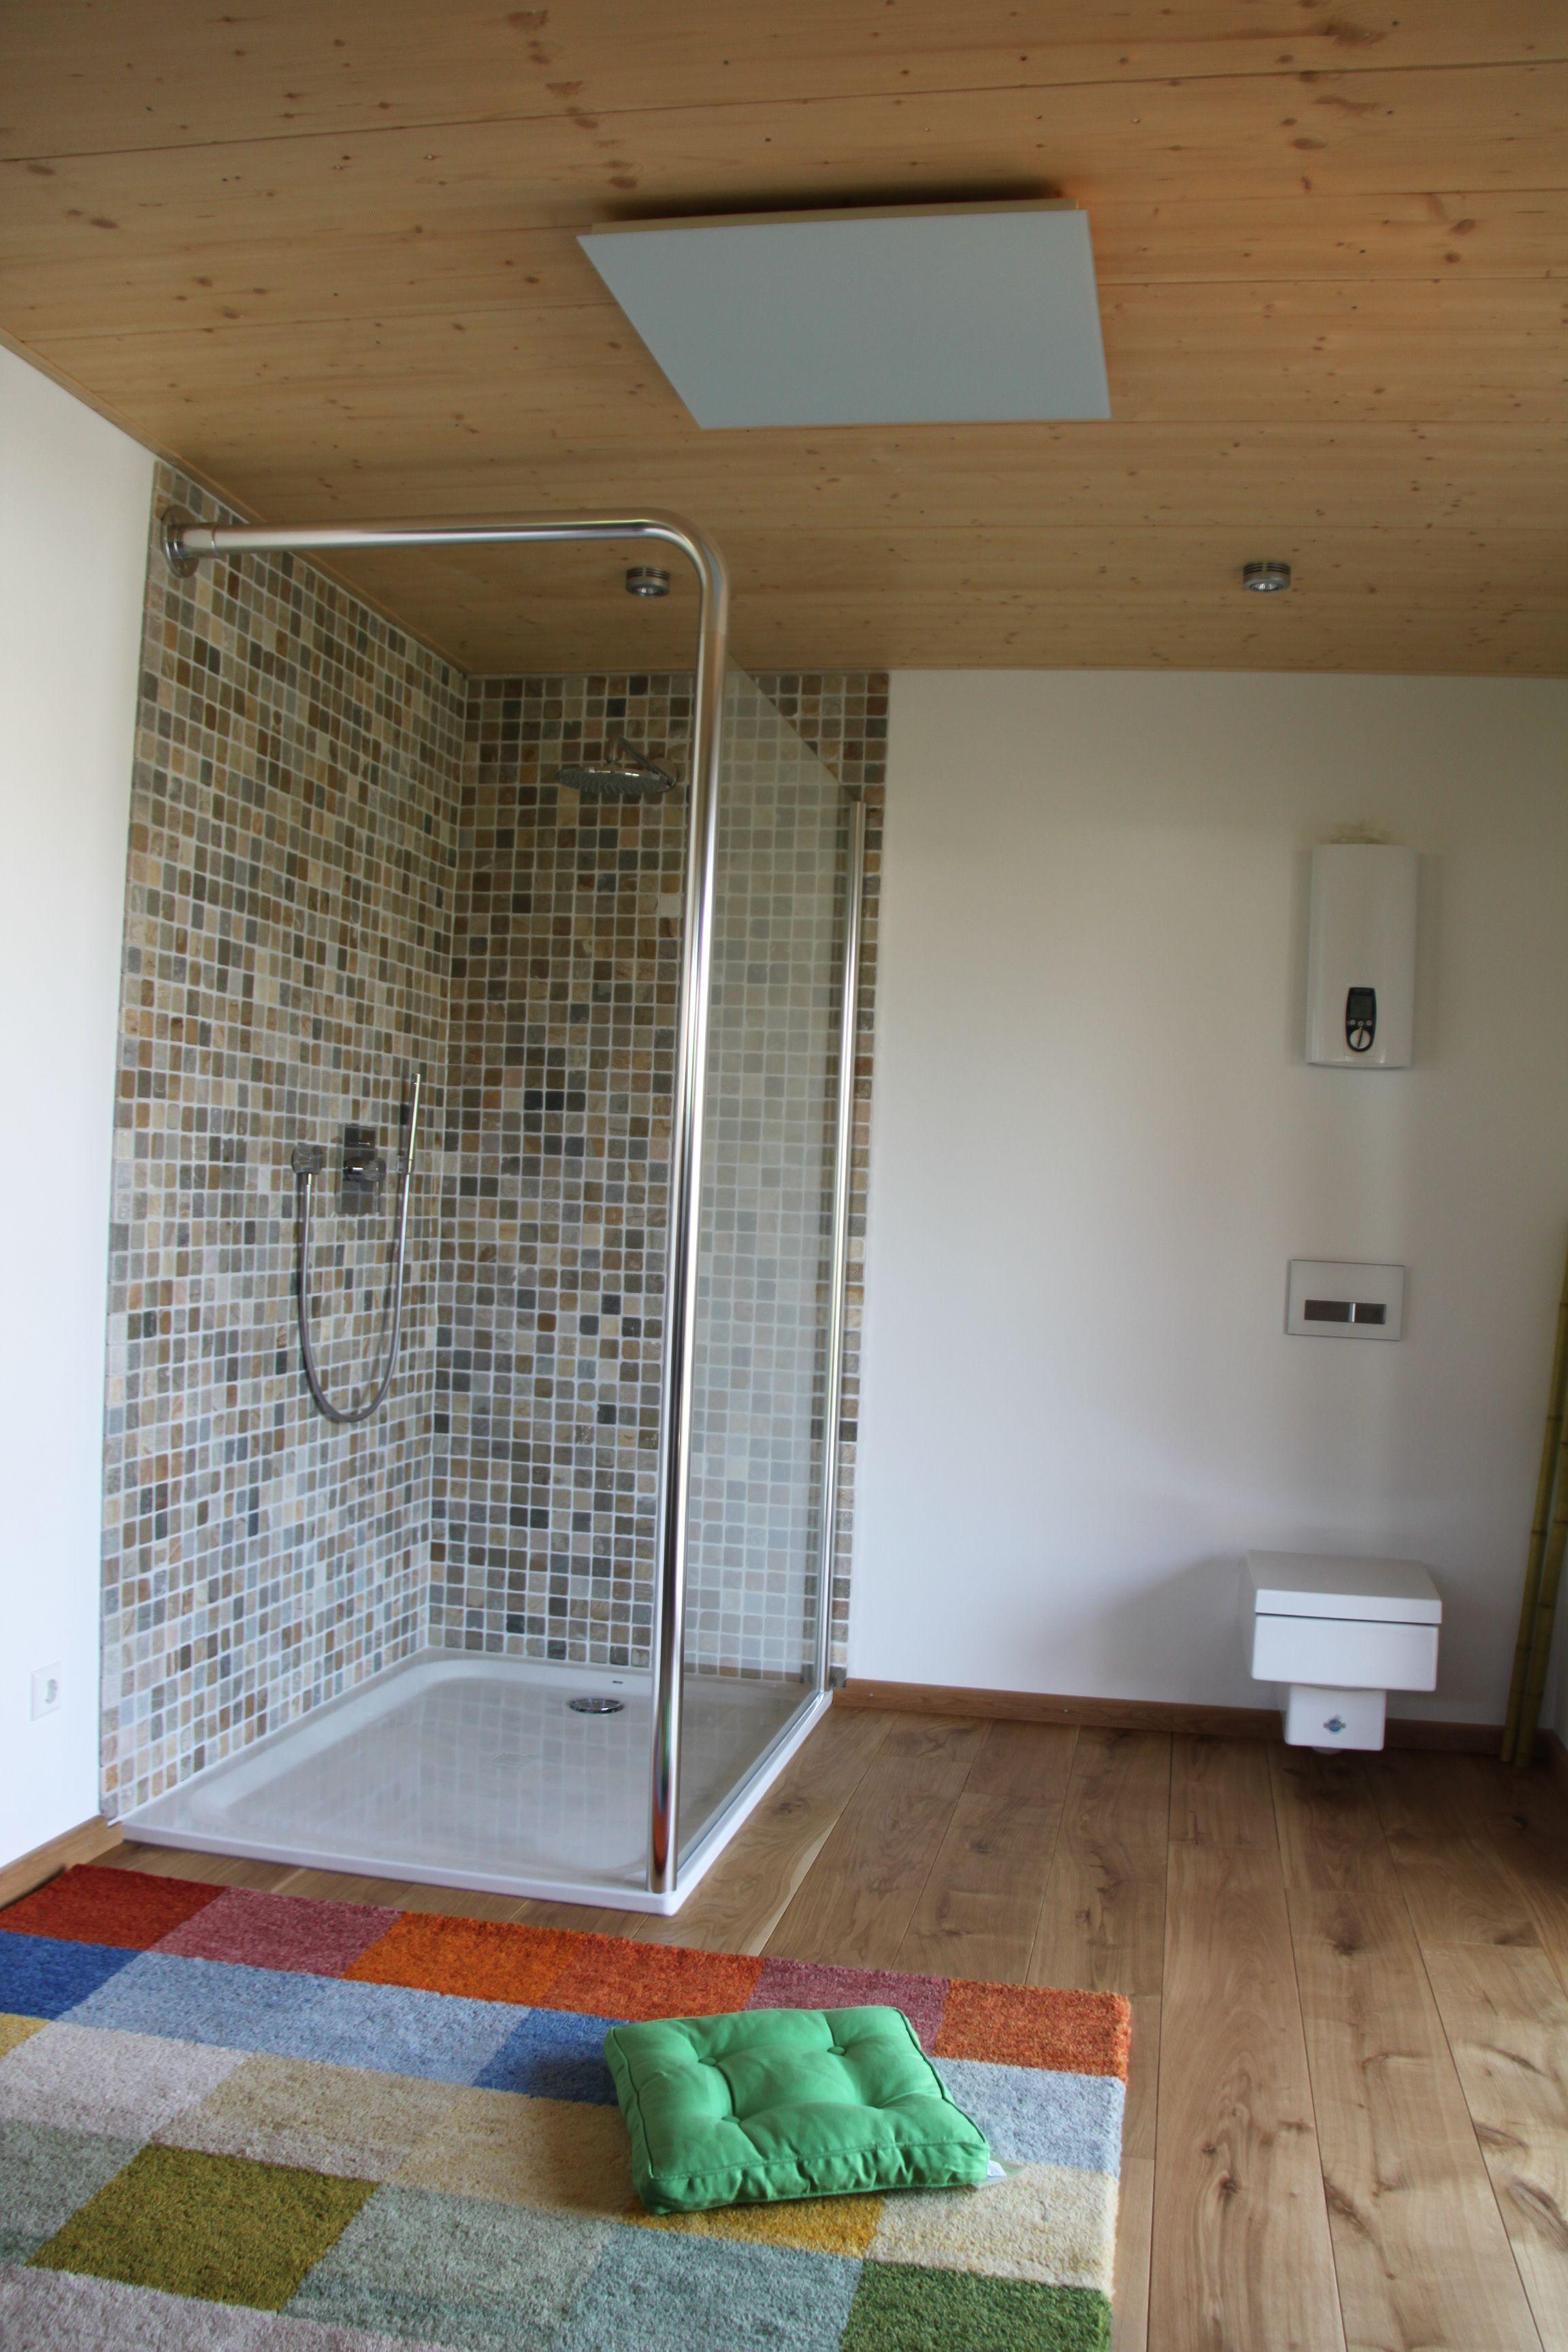 Infrarotheizung Installiert Auf Einer Holzdecke Sorgt Fur Behagliche Warme Im Badezimmer Schimmelbildung Wird Verhindert Infrarotheizung